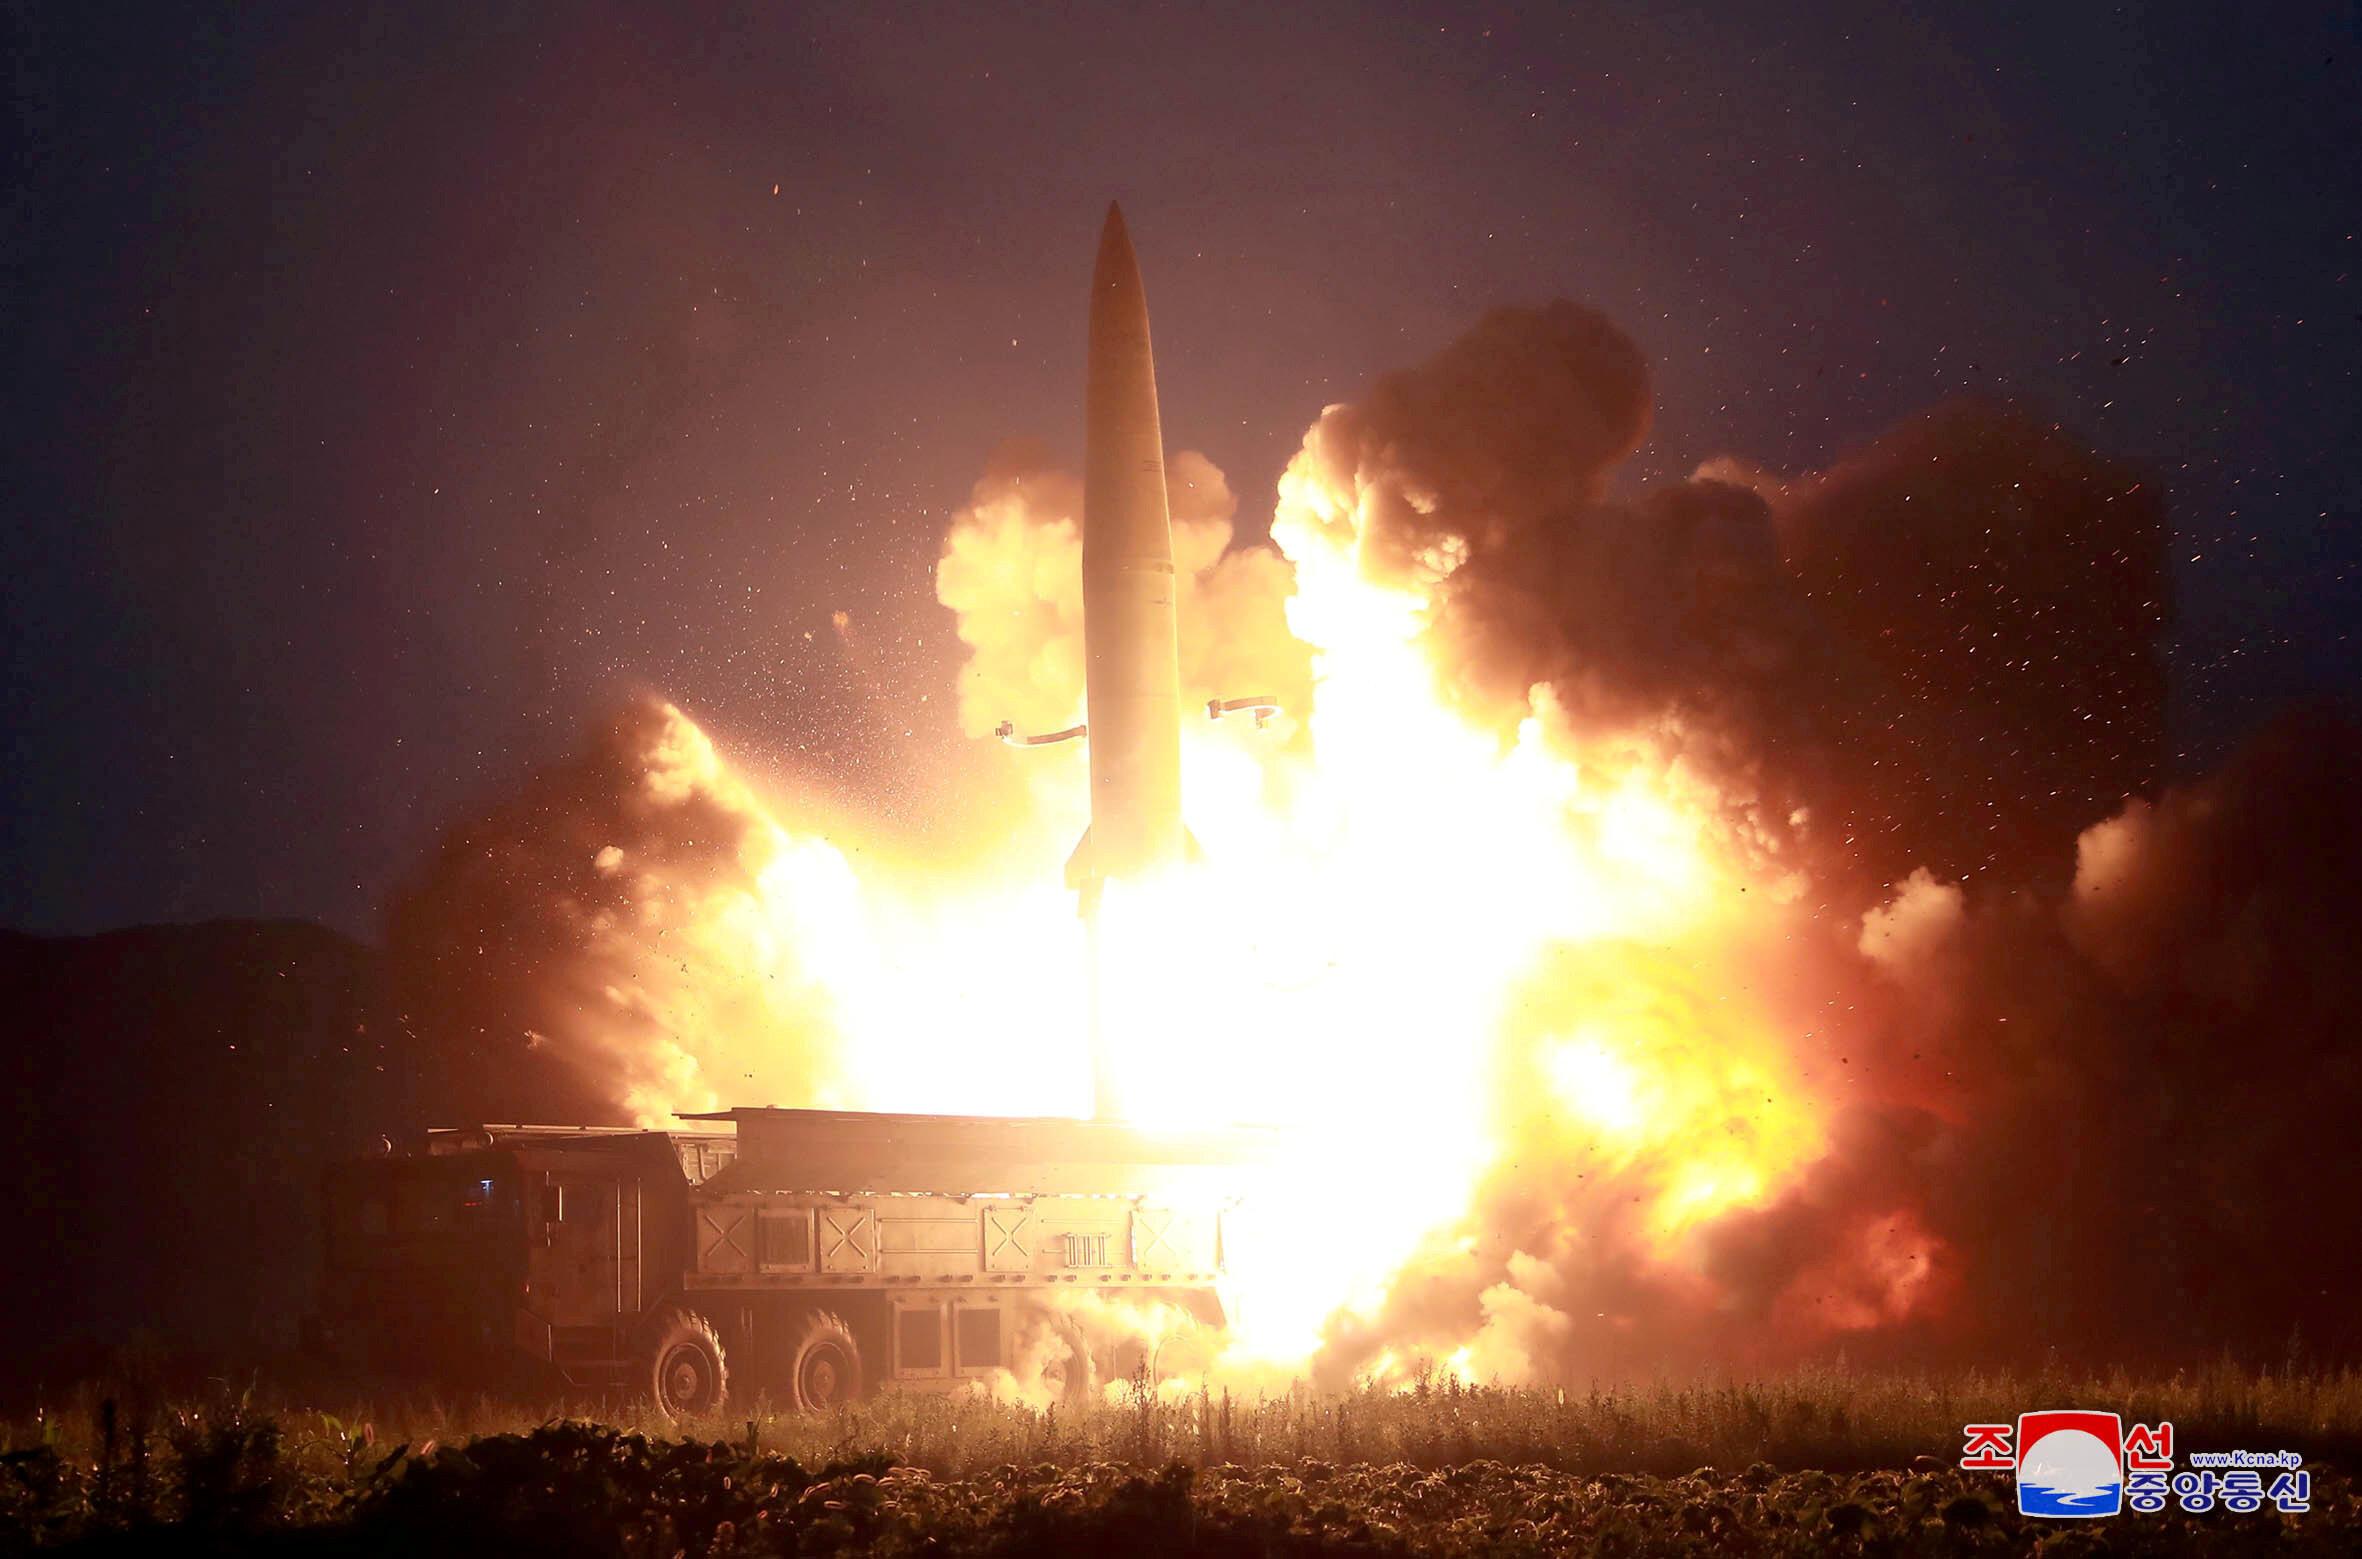 Hình ảnh Bắc Triều Tiên thử tên lửa do hãng tin KCNA cung cấp ngày 07/08/2019.